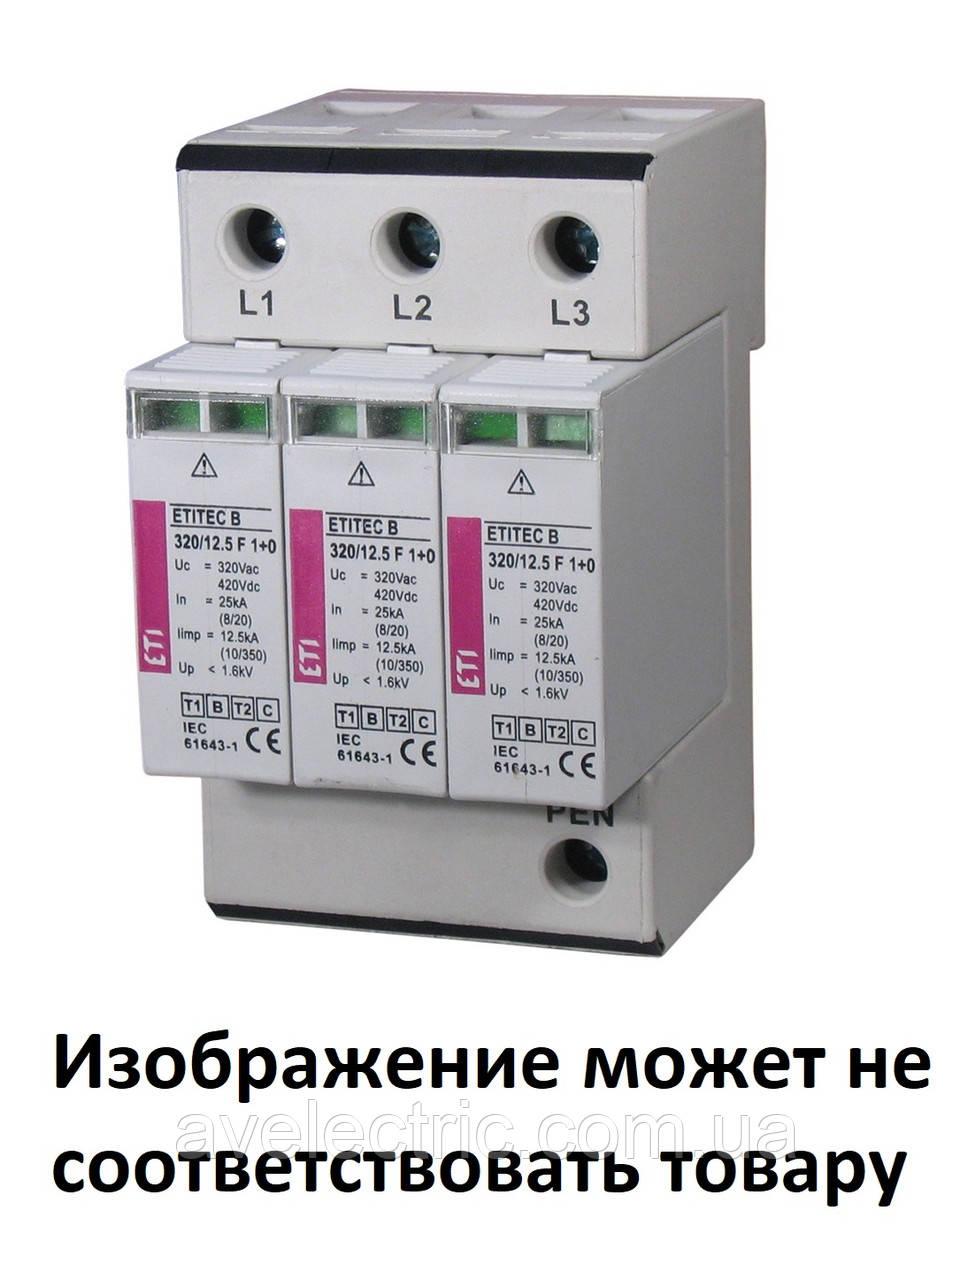 Обмежувач перенапруги ETITEC C T2 440/20 (1+0) 1p